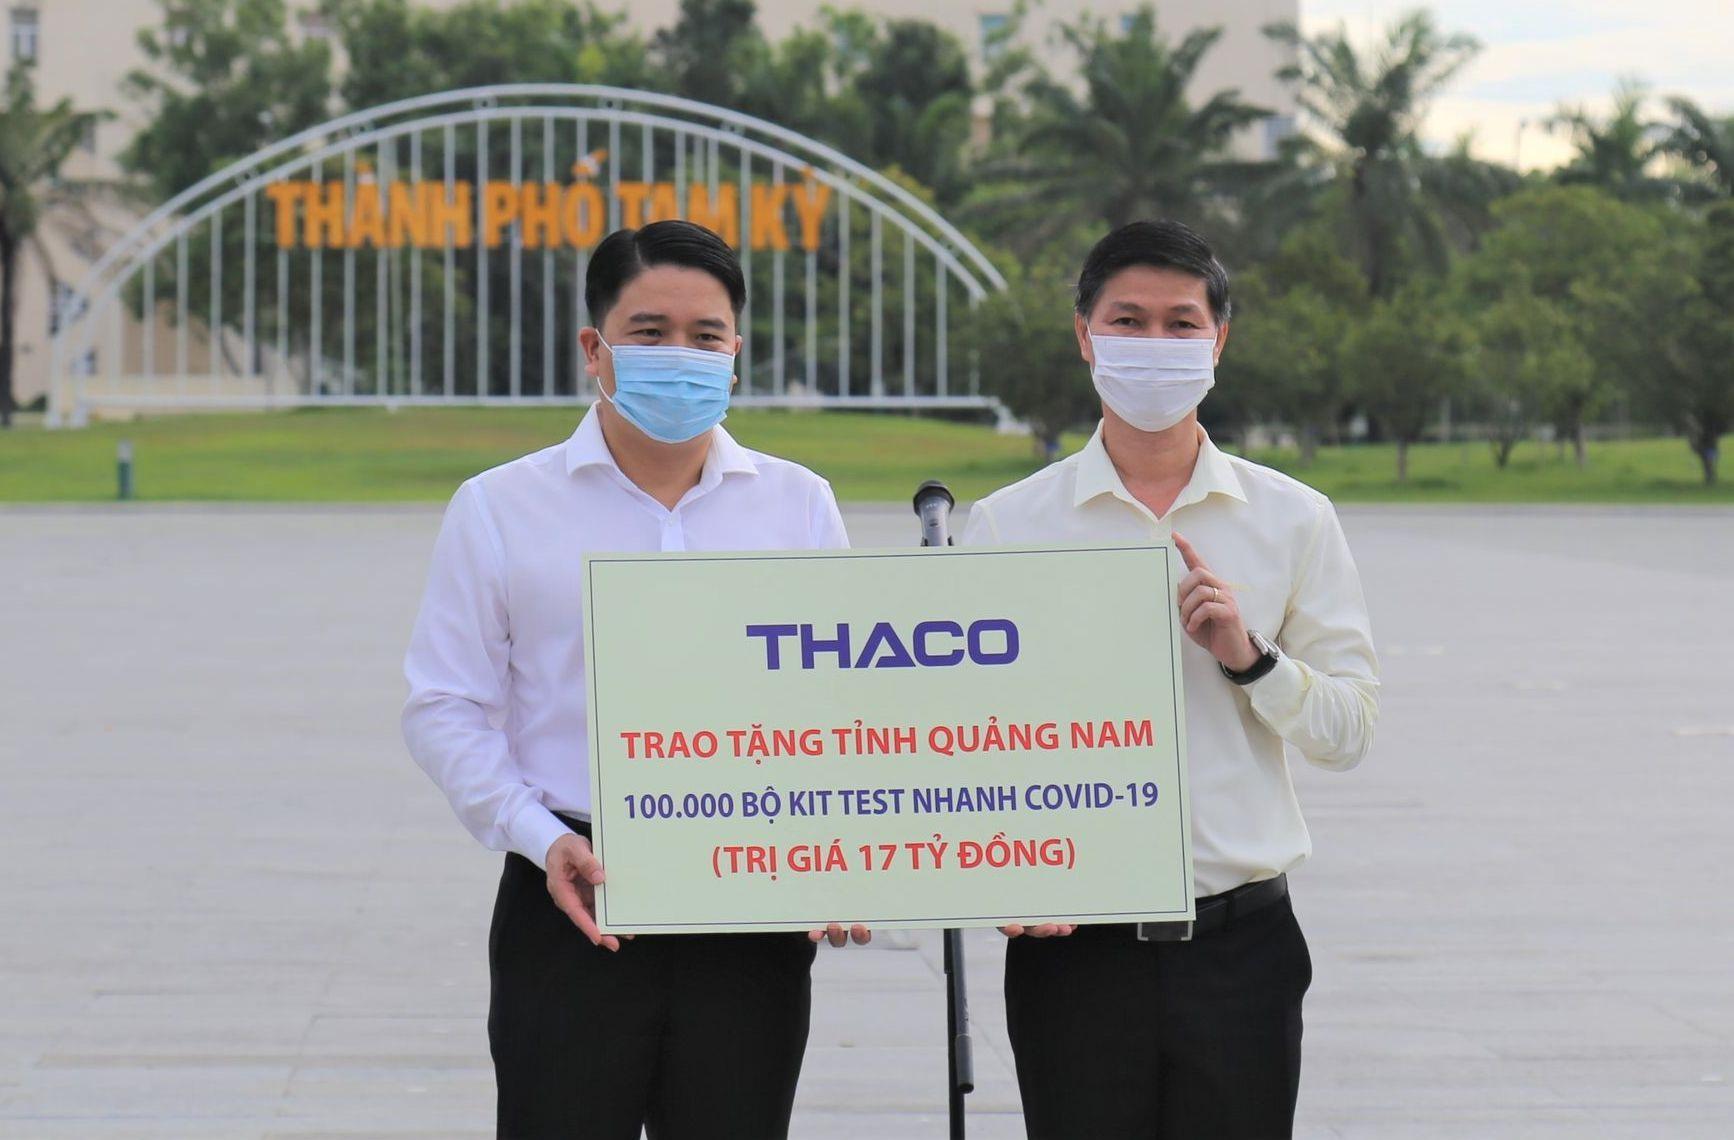 Từ khi bùng phát dịch Covid-19 đến nay, THACO và các tập đoàn con cũng như các tổng công ty thành viên đã hỗ trợ các hoạt động phòng chống dịch trong cả nước với kinh phí hơn 210 tỷ đồng, trong đó hỗ trợ tỉnh Quảng Nam hơn 34 tỷ đồng gồm 5 tỷ đồng tài trợ thiết bị y tế cho Sở Y tế Quảng Nam, 2 tỷ đồng tài trợ máy xét nghiệm Covid-19 cho CDC Quảng Nam, 10 tỷ đồng tài trợ Quỹ vắc xin phòng Covid-19 tỉnh Quảng Nam và 17 tỷ đồng tài trợ bộ kit xét nghiệm SARS-CoV-2 cho Sở Y tế Quảng Nam.